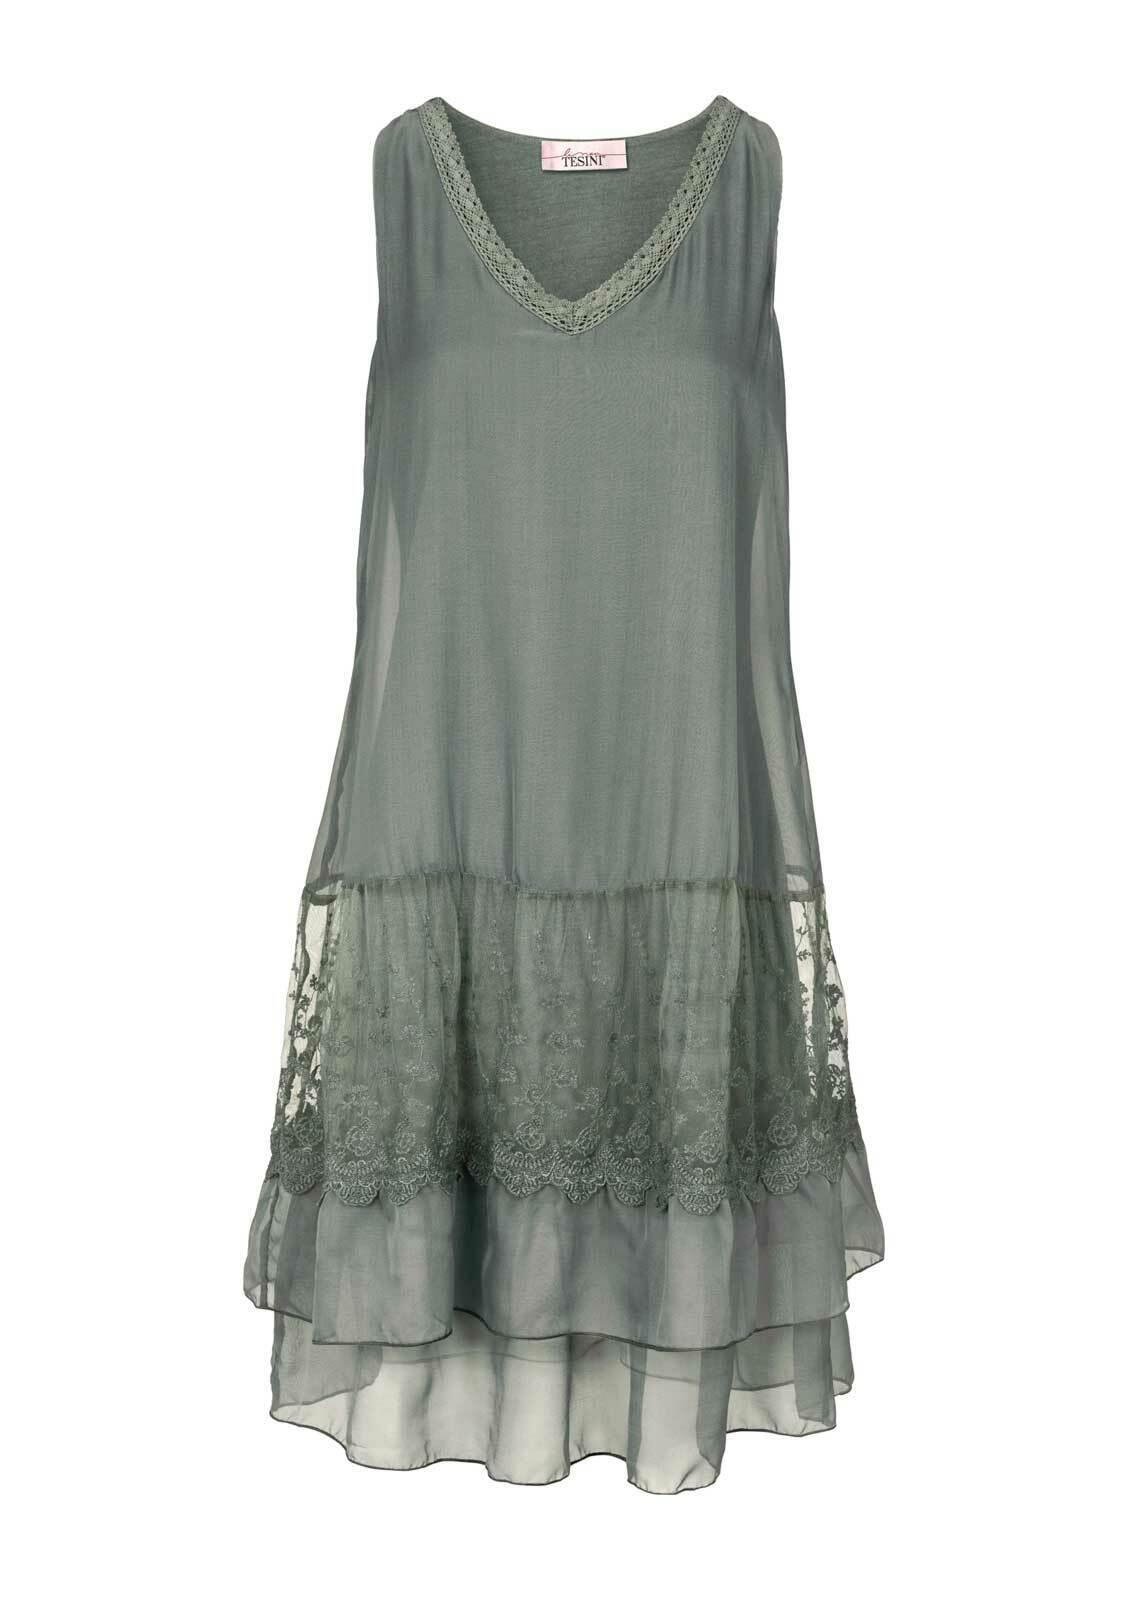 TCJ Linea Tesini Damen Designer Kleid mit Spitze Spitze Spitze Sommerkleid Freizeitkleid Oliv | Moderne und stilvolle Mode  | Günstig  | Haltbarer Service  d2295a